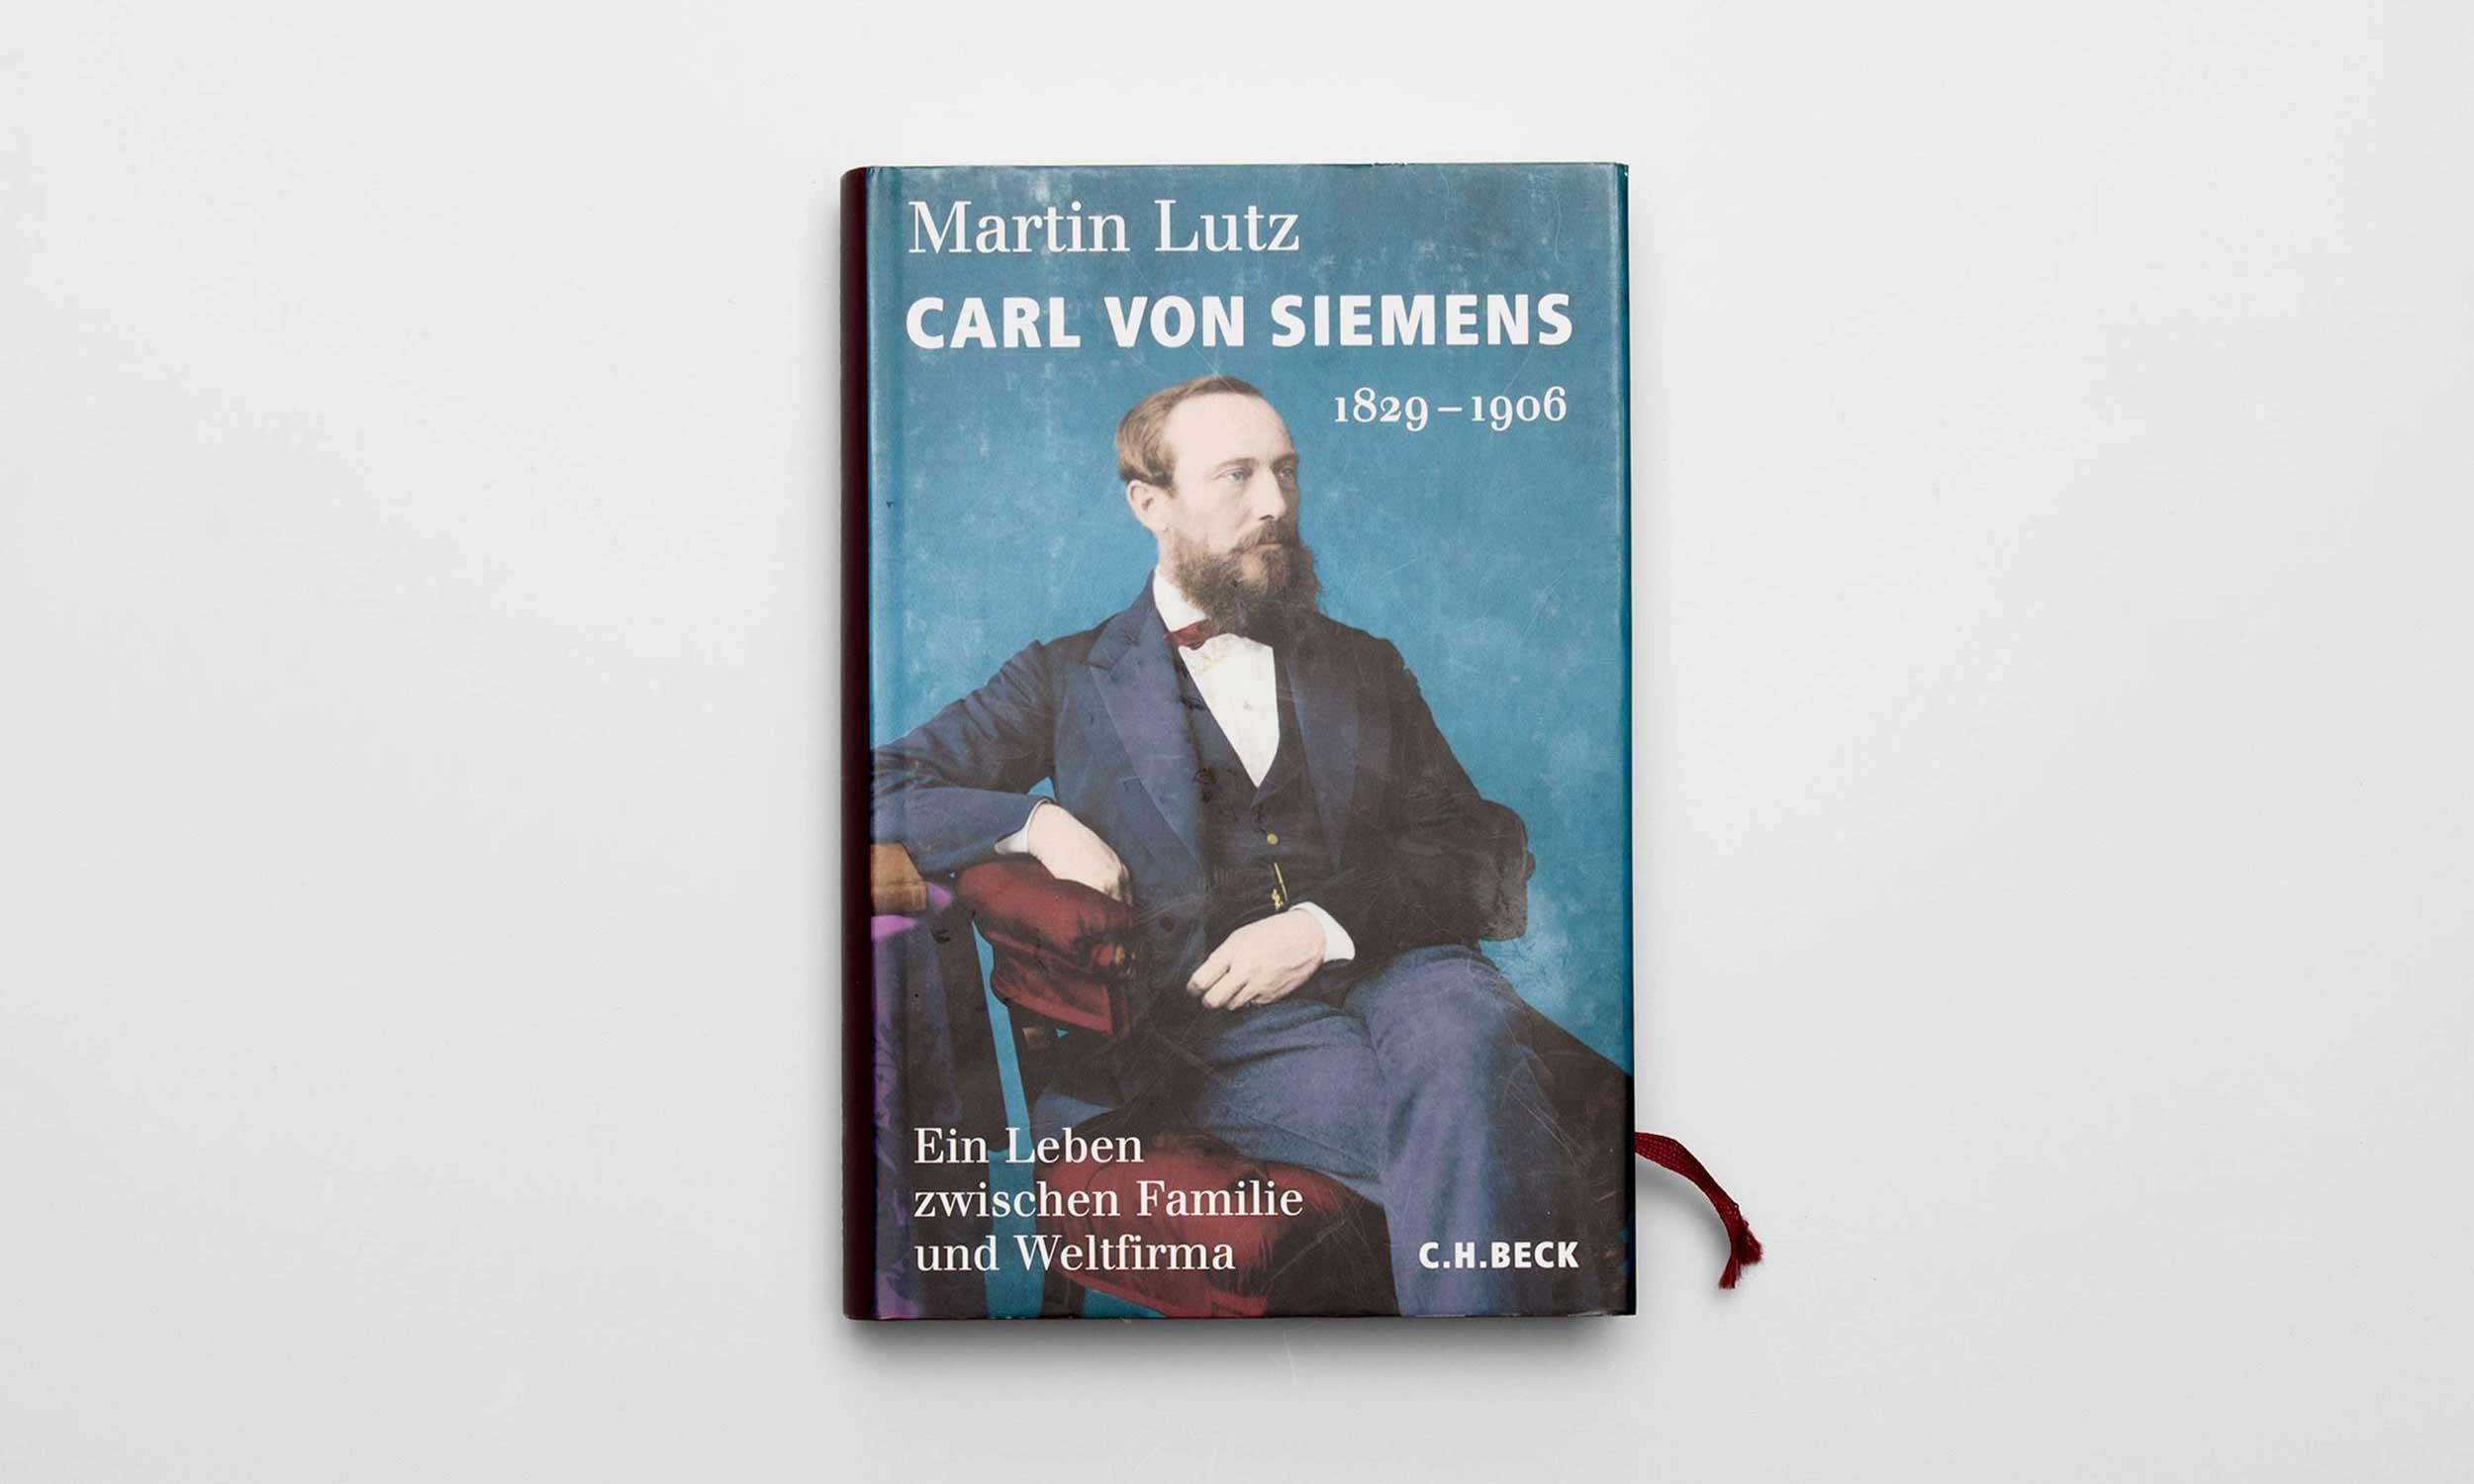 Carl von Siemens Umschlag Martin Lutz